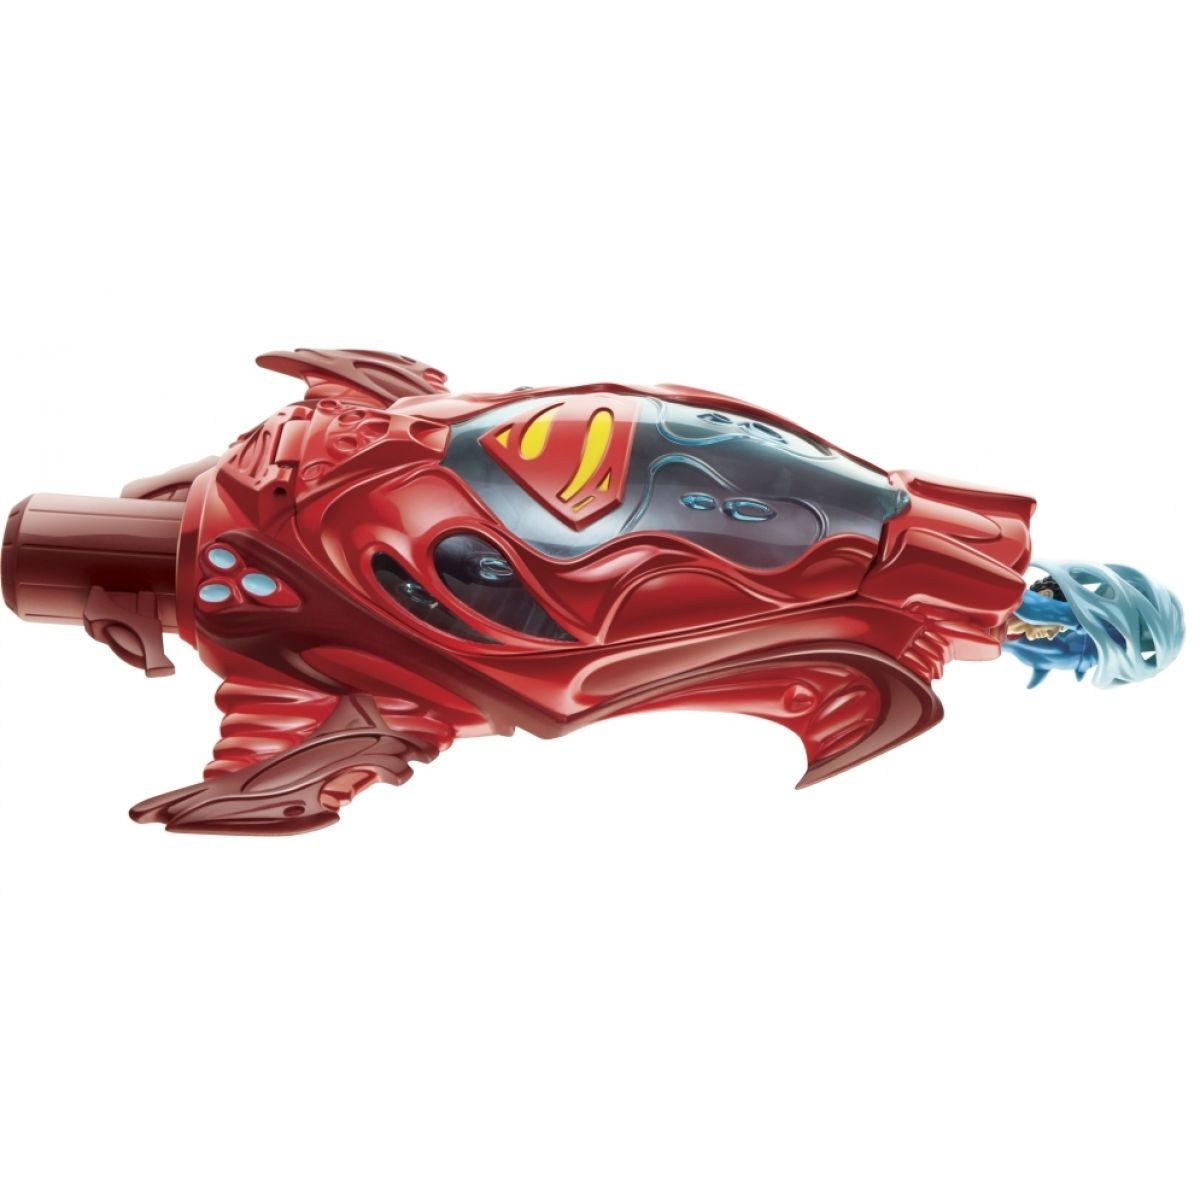 Mattel Superman Odpalovací rampa - Červená